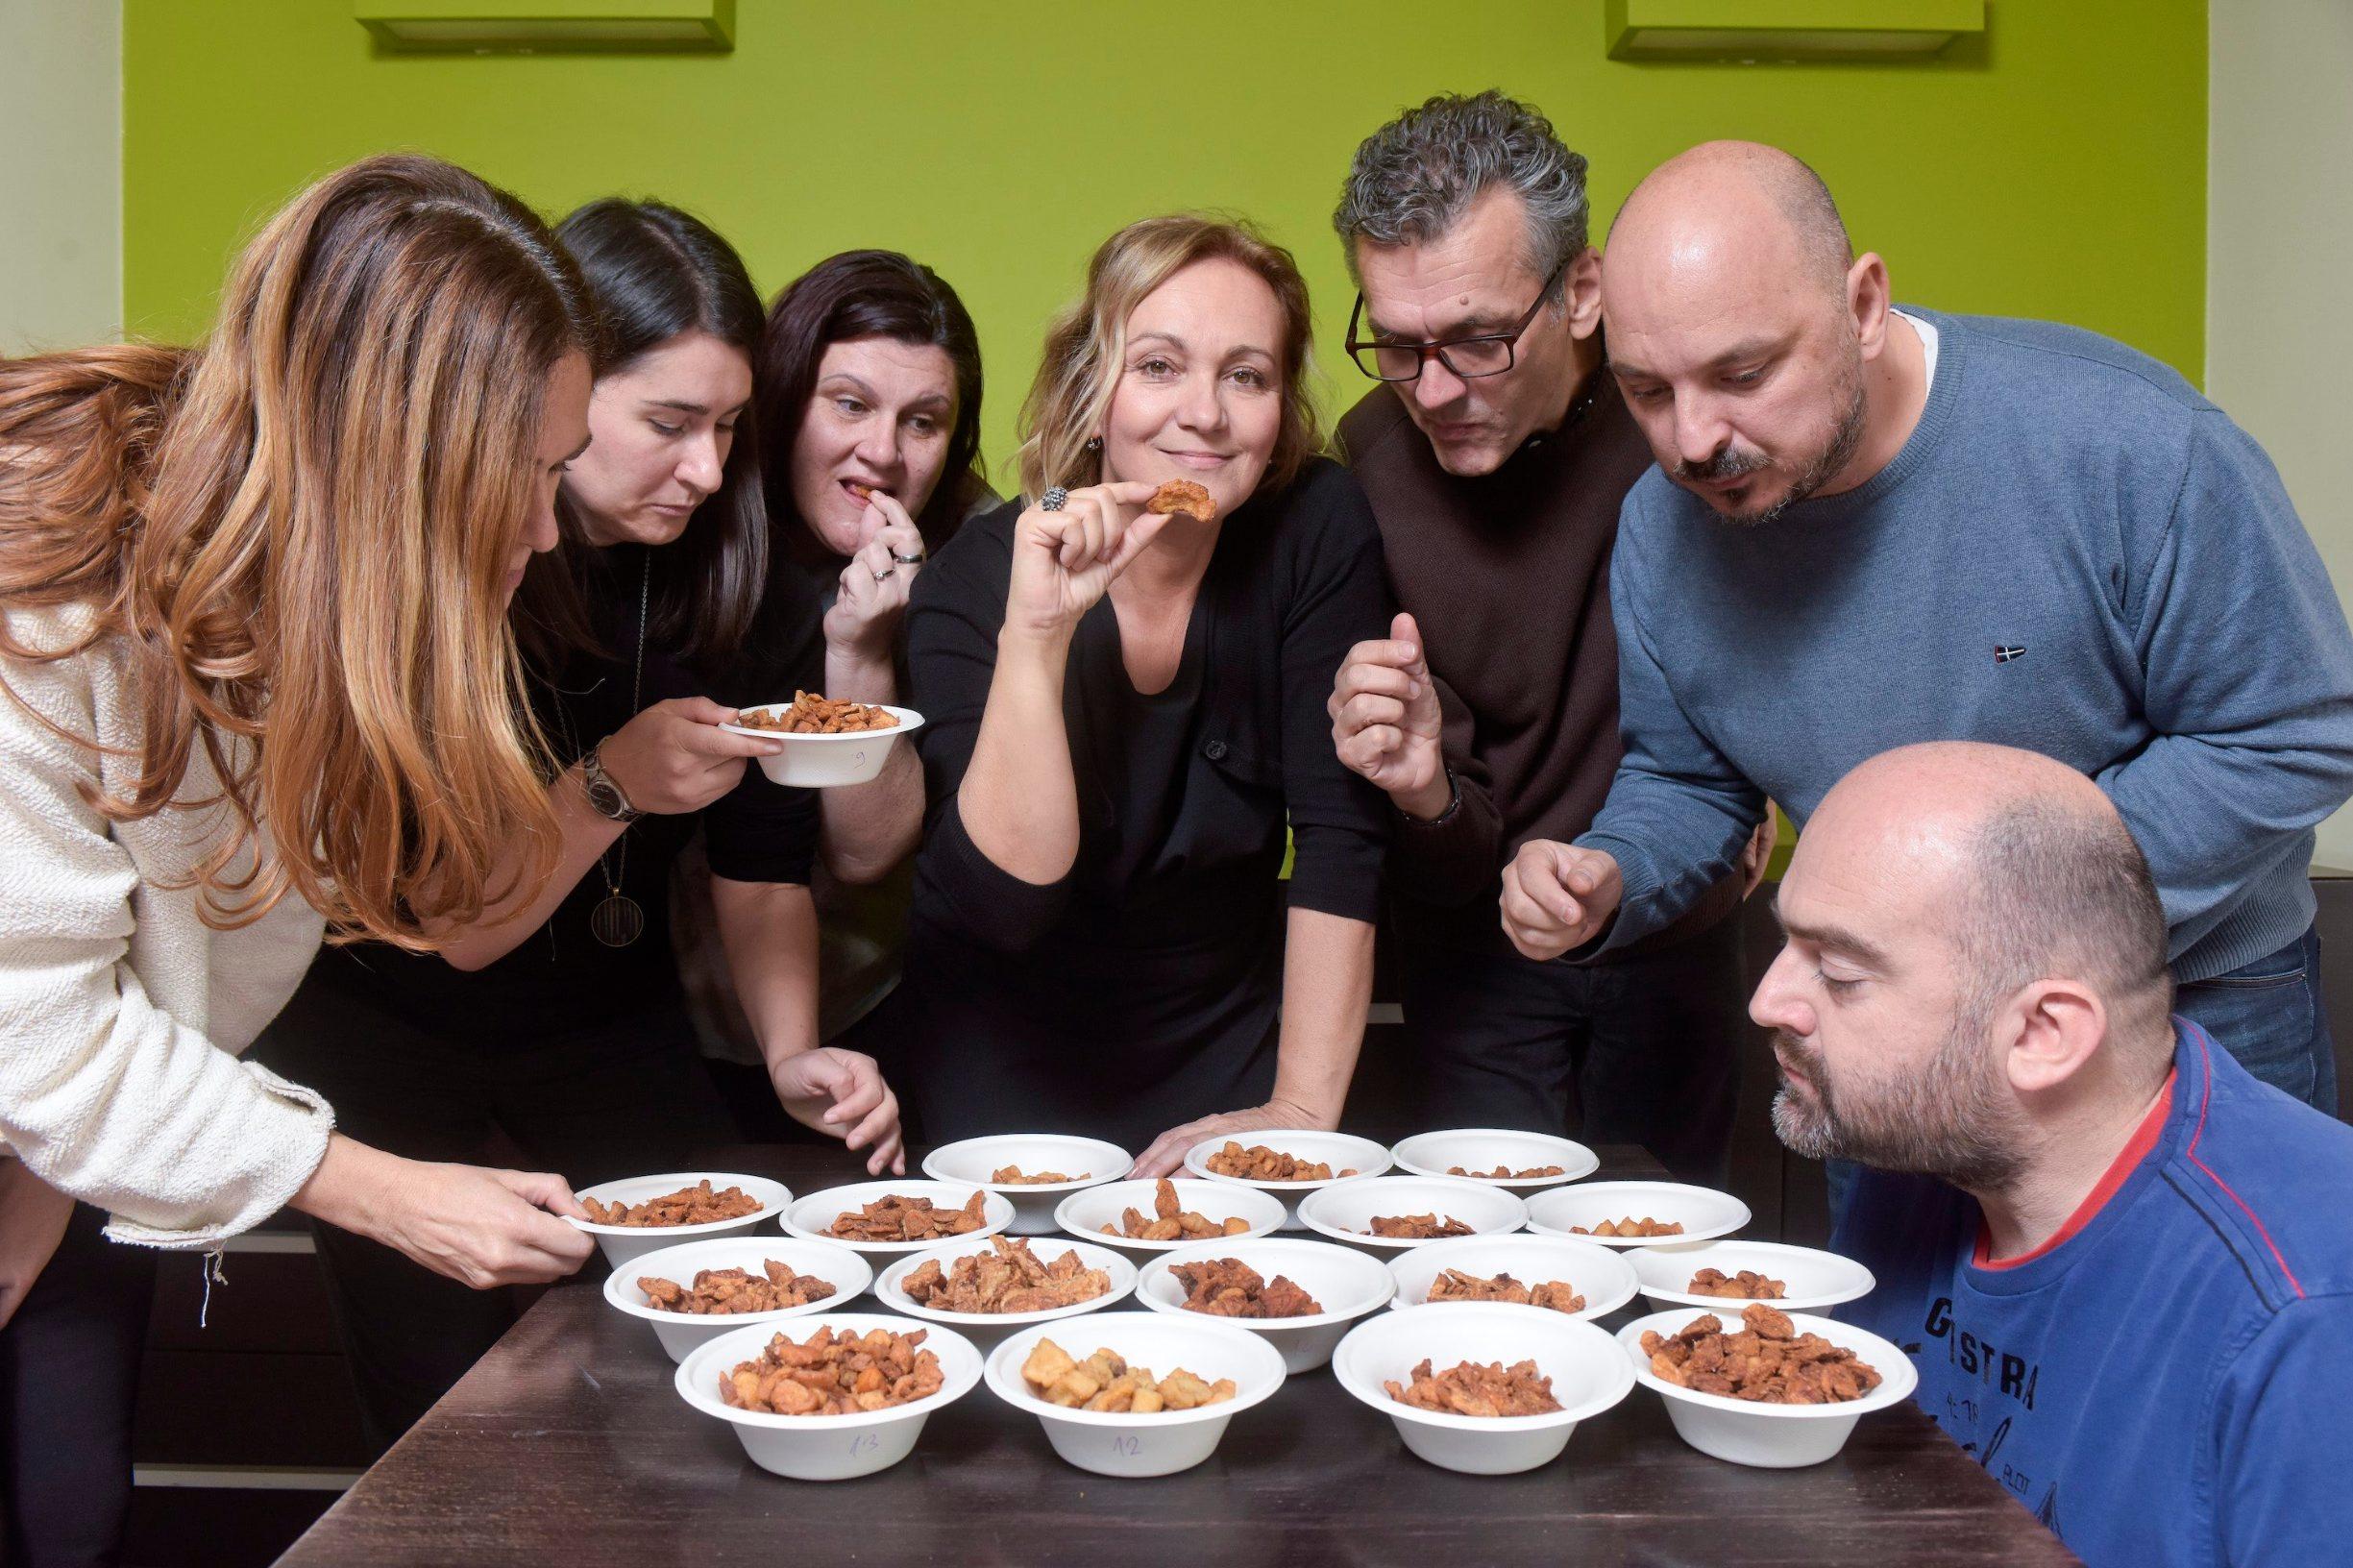 Zagreb, 211119. Koranska 2. Novinari Dobre hrane kusaju i ocjenjuju ovogodisnje cvarke. Foto: Darko Tomas / CROPIX